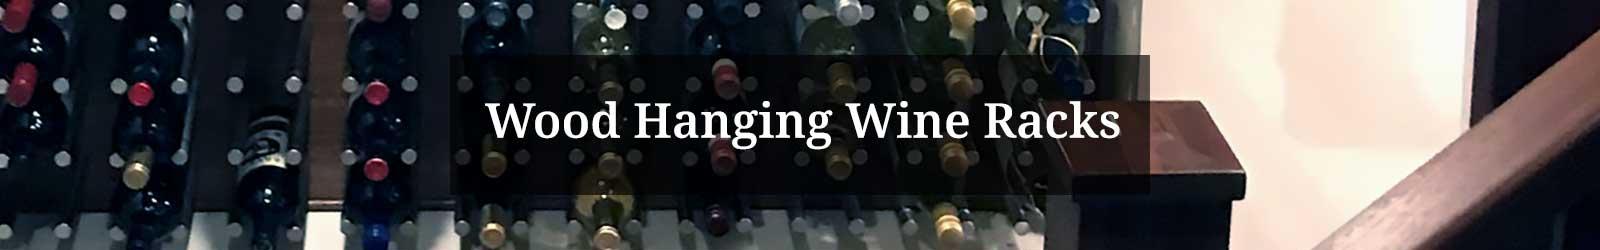 Wooden Hanging Wine Racks